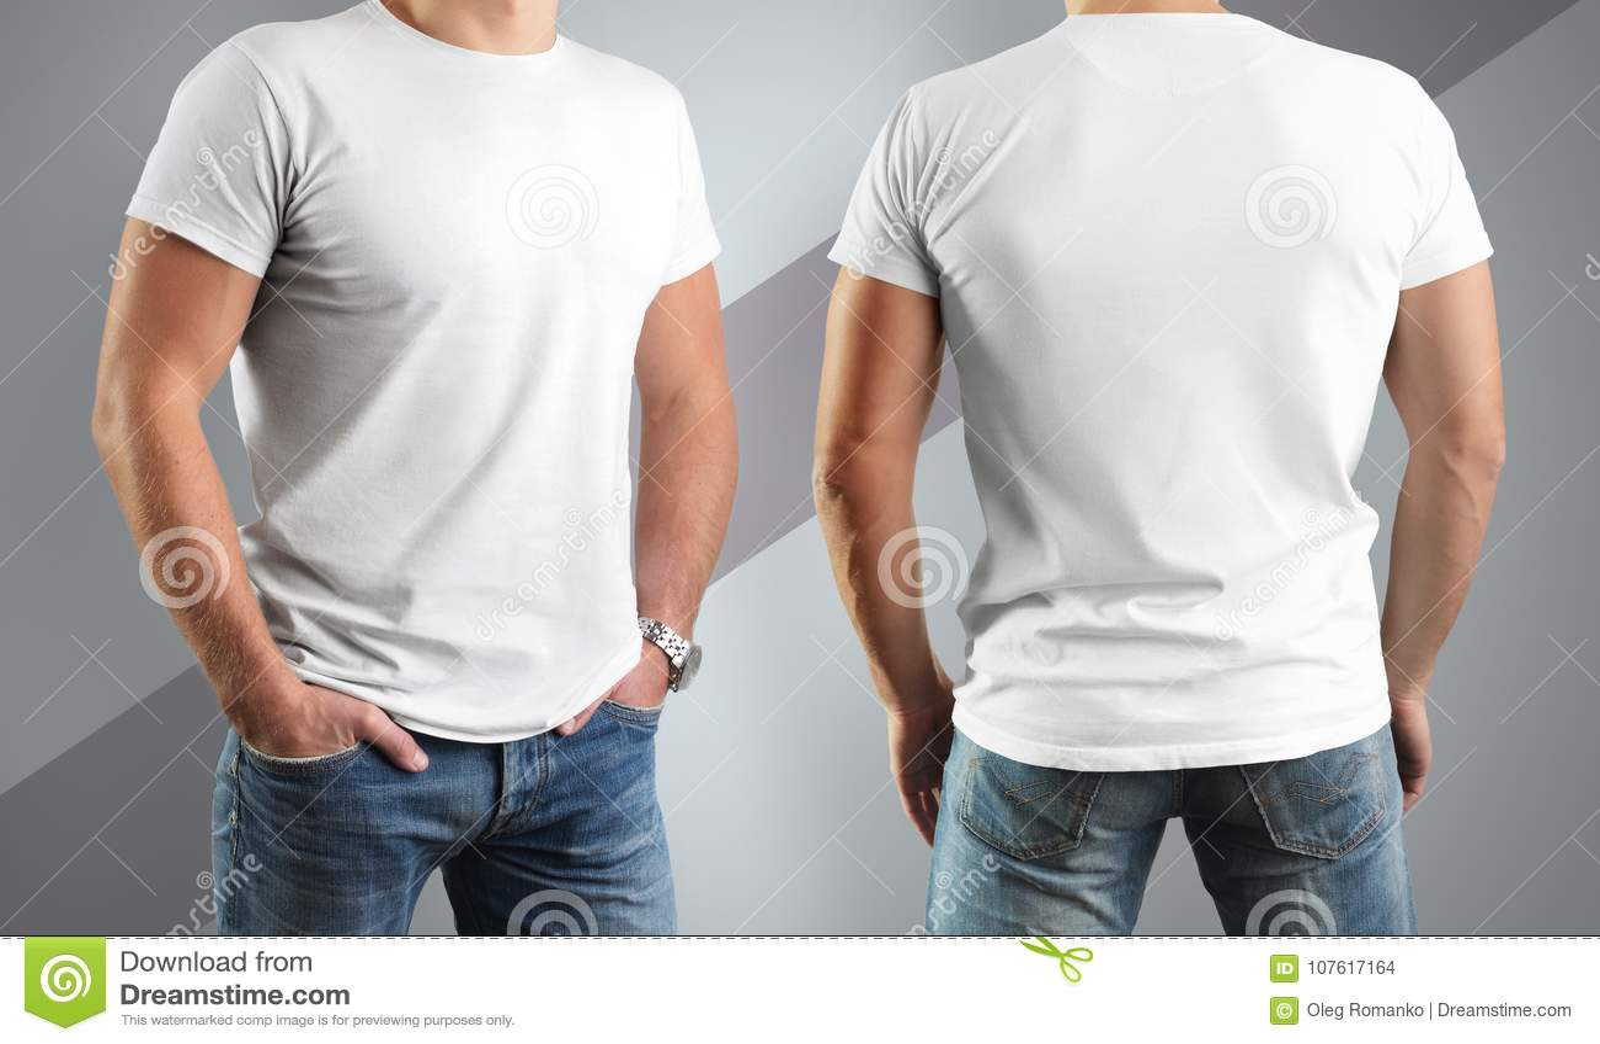 on sale be6e8 a223c Magliette Bianche Del Modello Sull'uomo, Posa Nella Parte ...